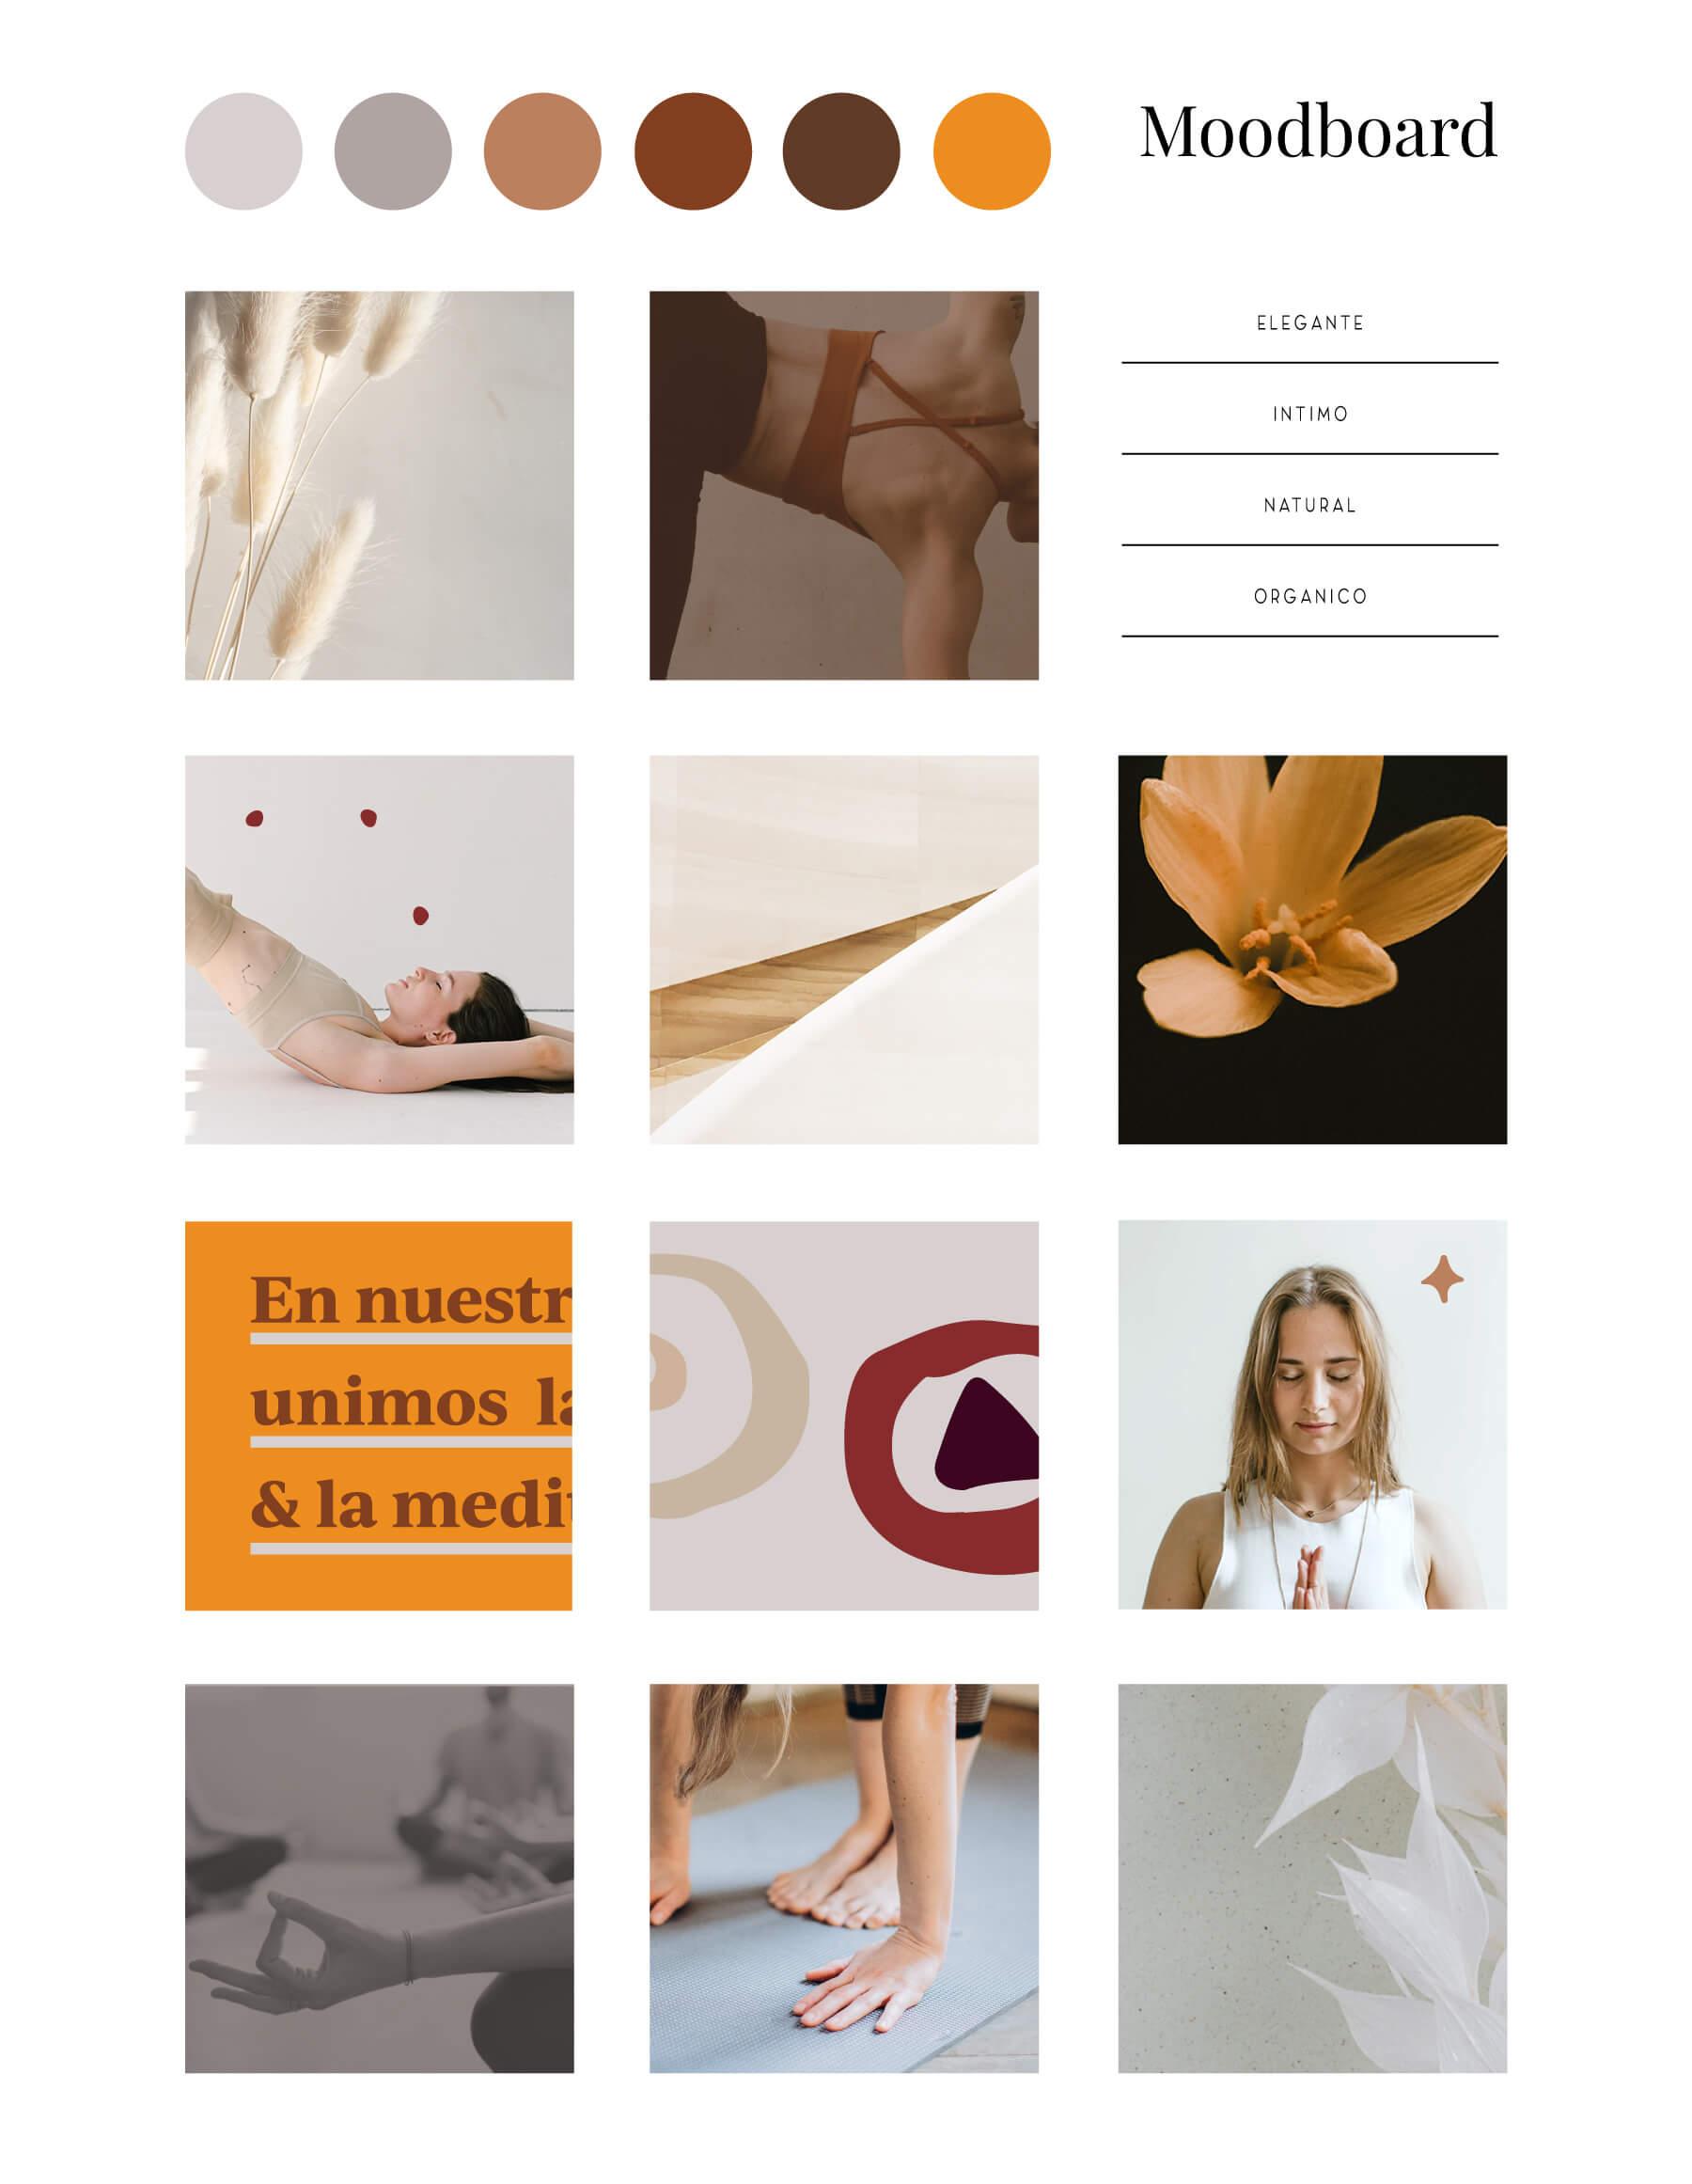 Moodboard Paula Vidal